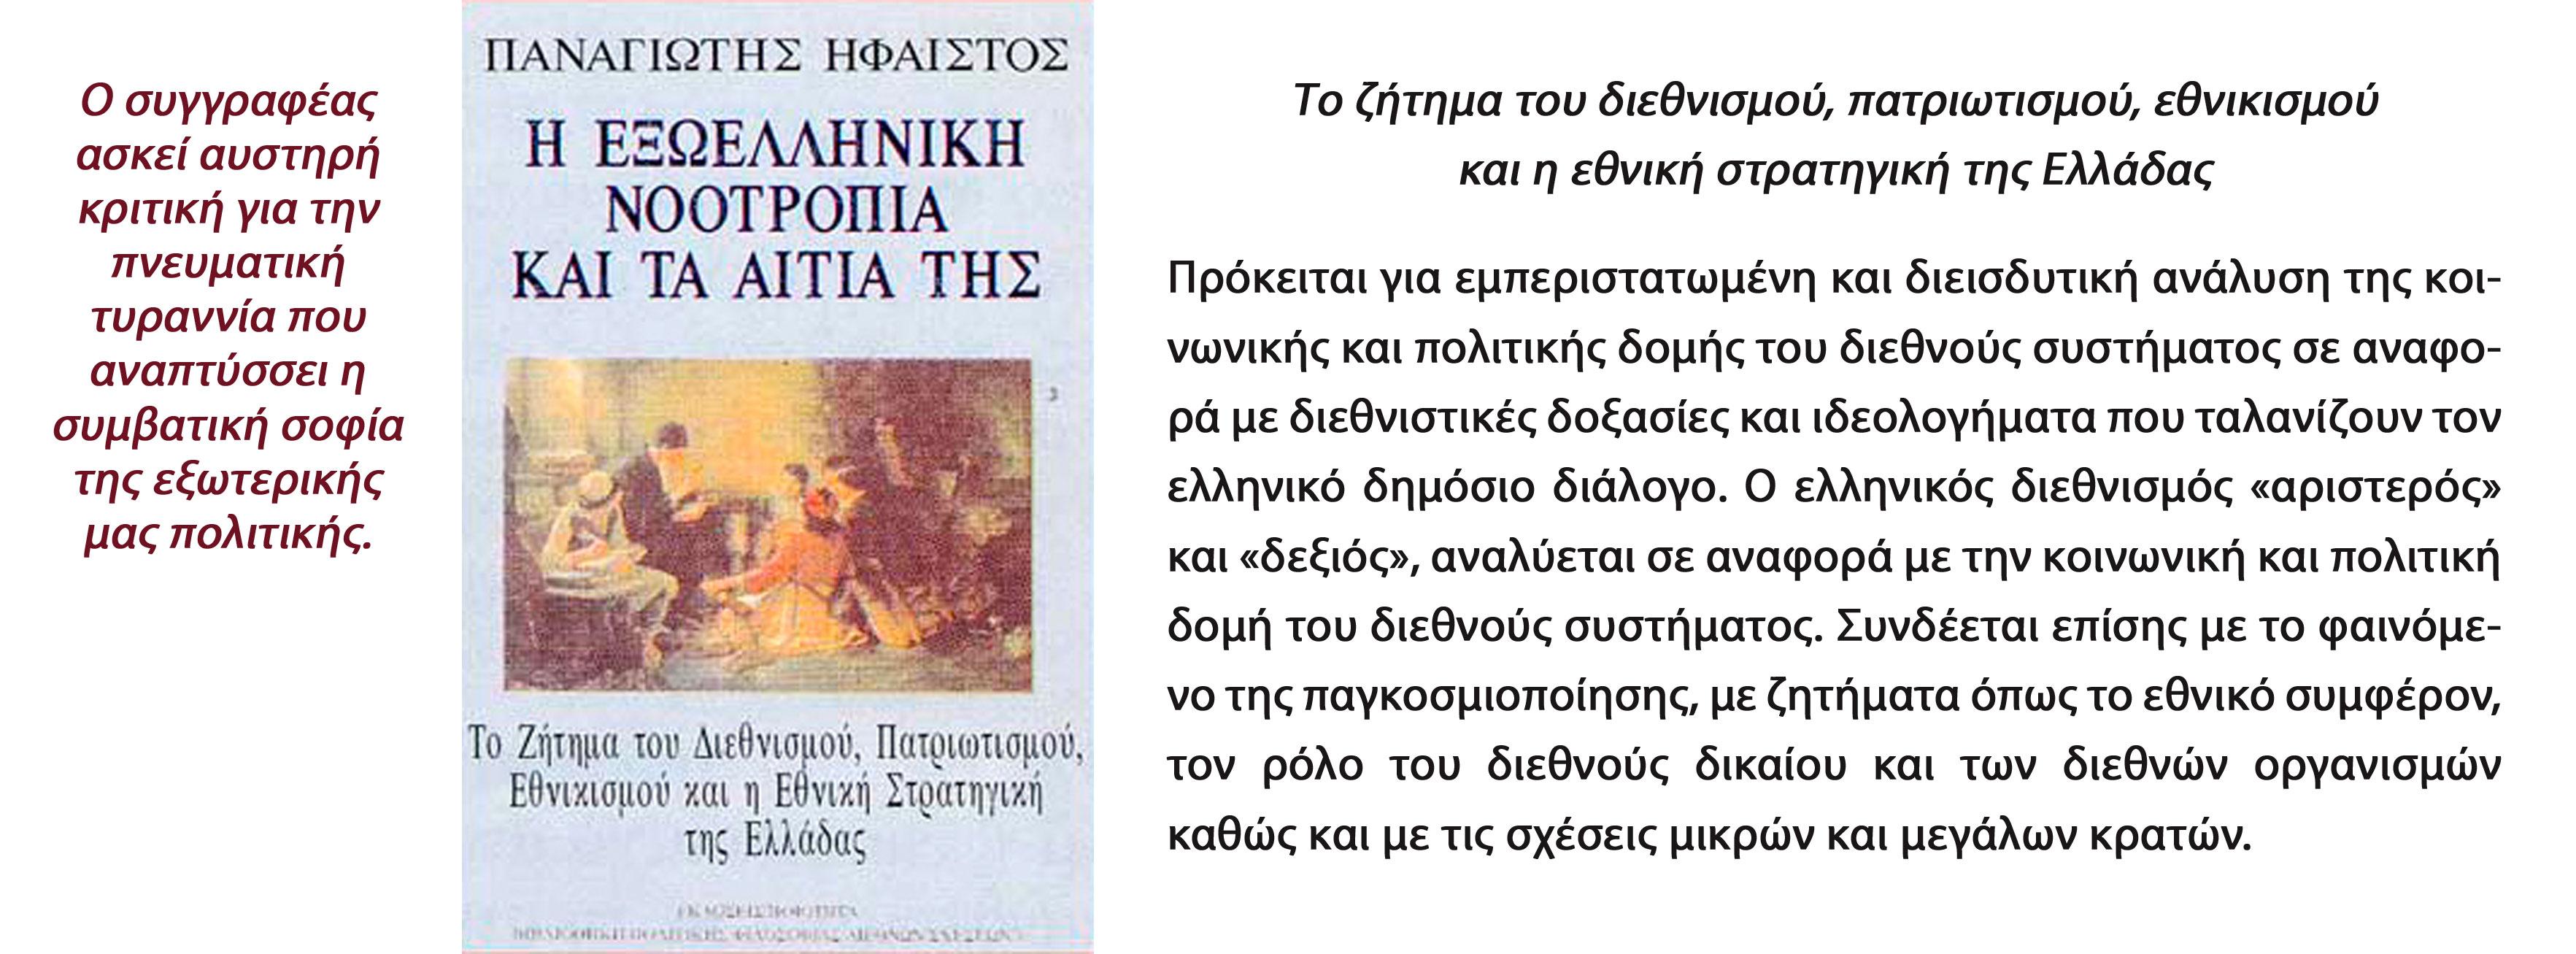 Ήφαιστος Παναγιώτης, Η εξωελληνική νοοτροπία και τα αίτιά της